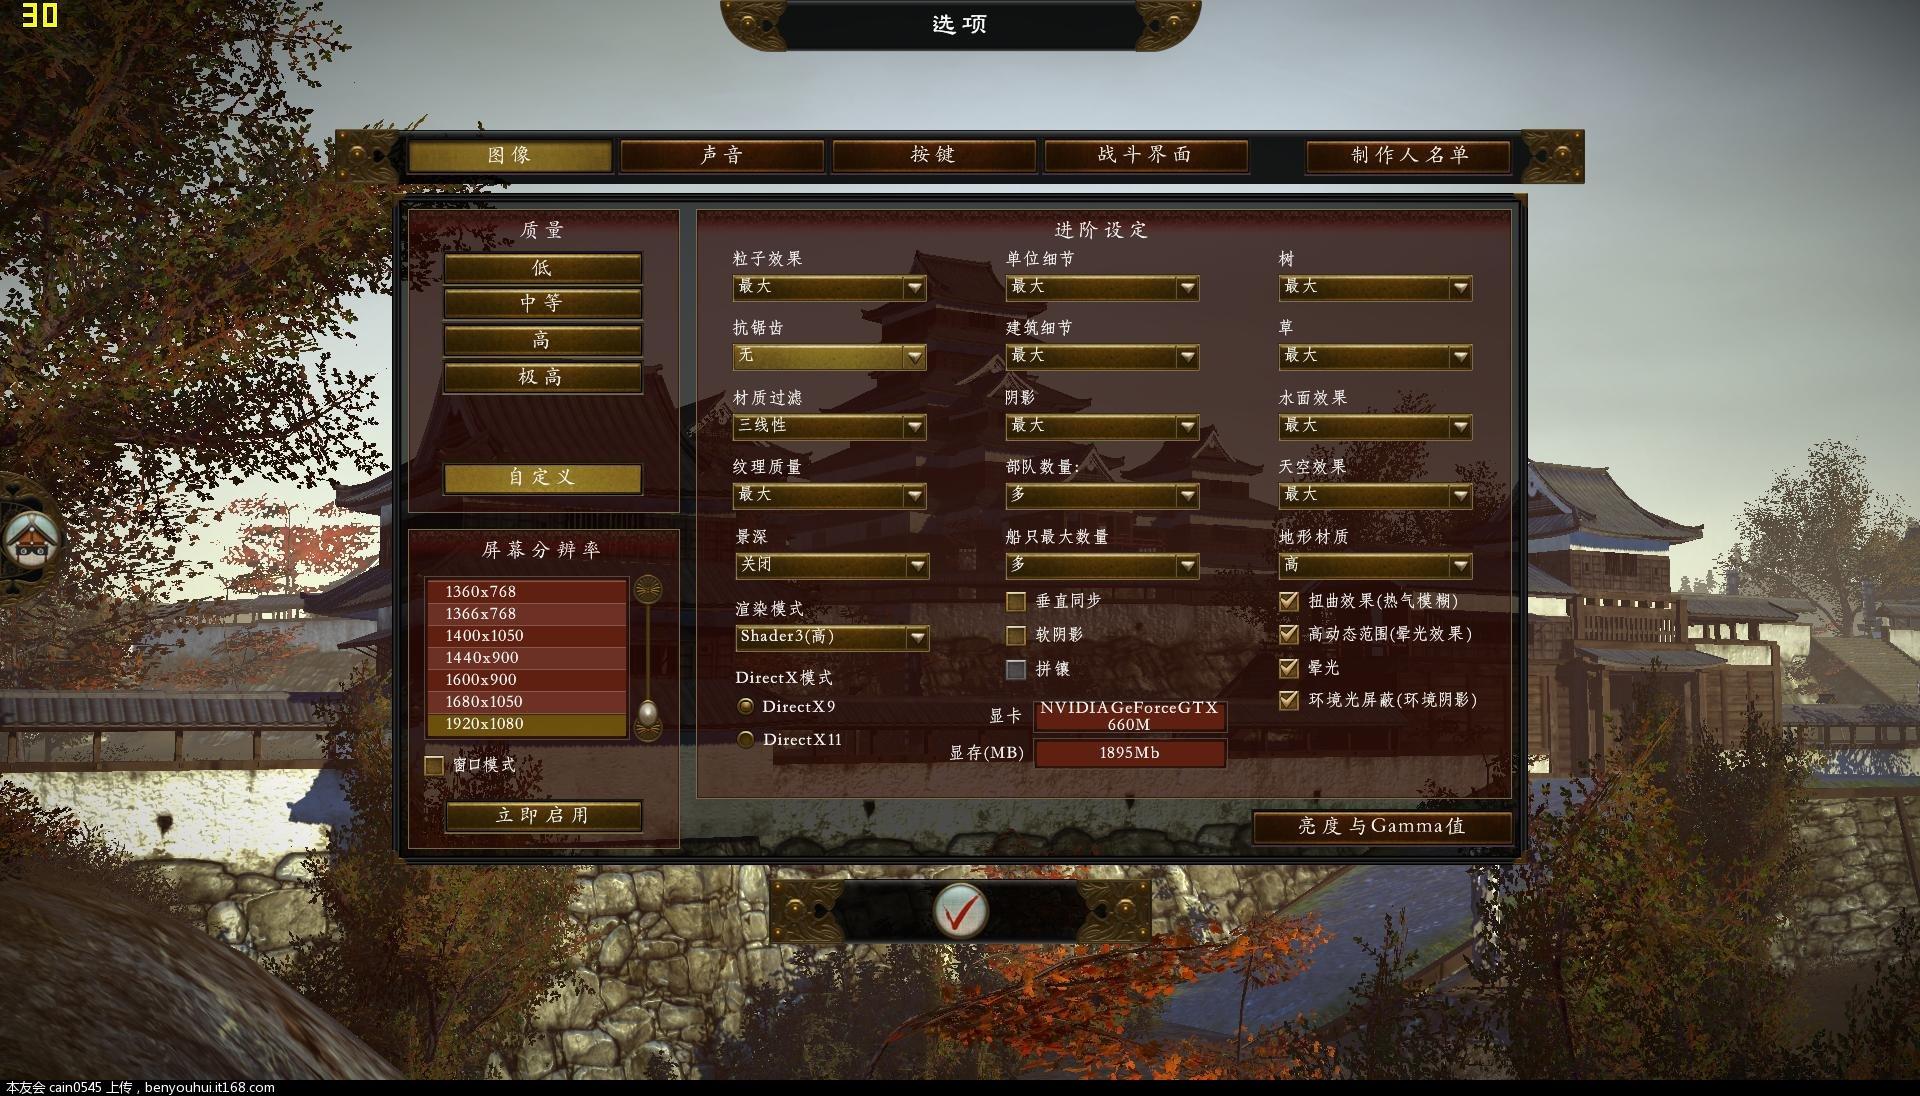 Shogun2 2012-10-07 21-34-55-90.jpg